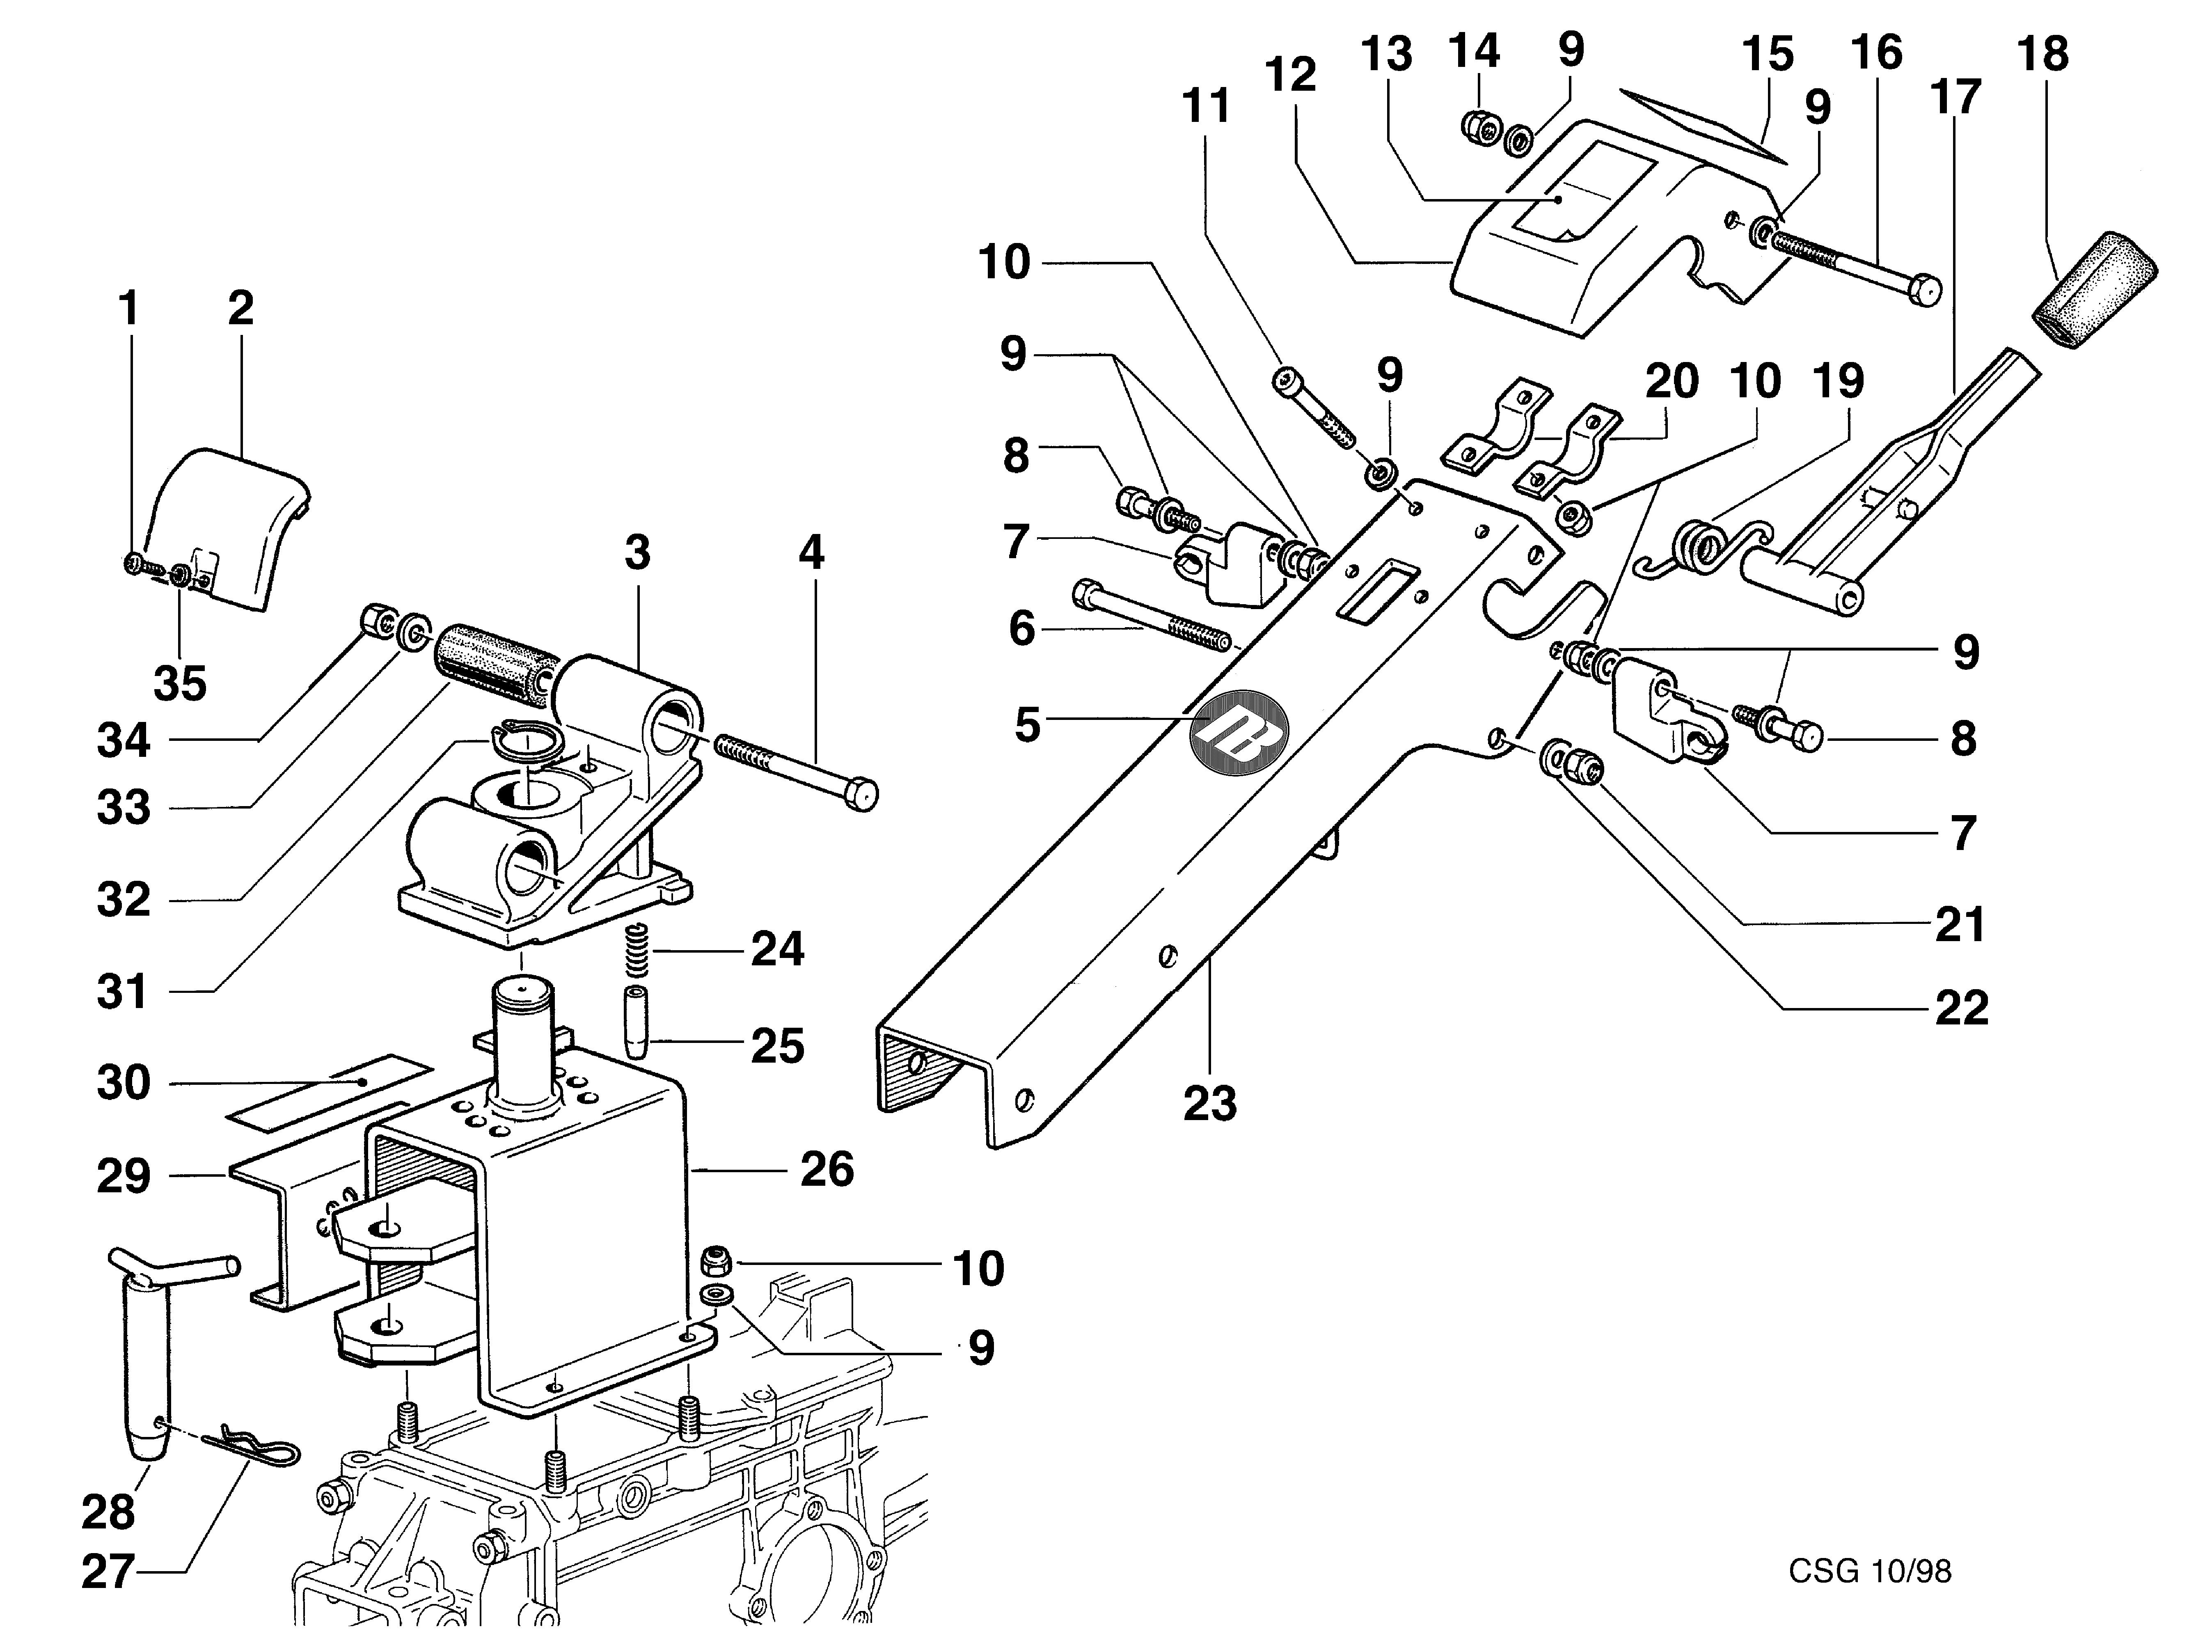 KAM 5 (jusqu'en 2012) Motoculteur OLEOMAC NIBBI vue éclatée  Dessins pièces - Support